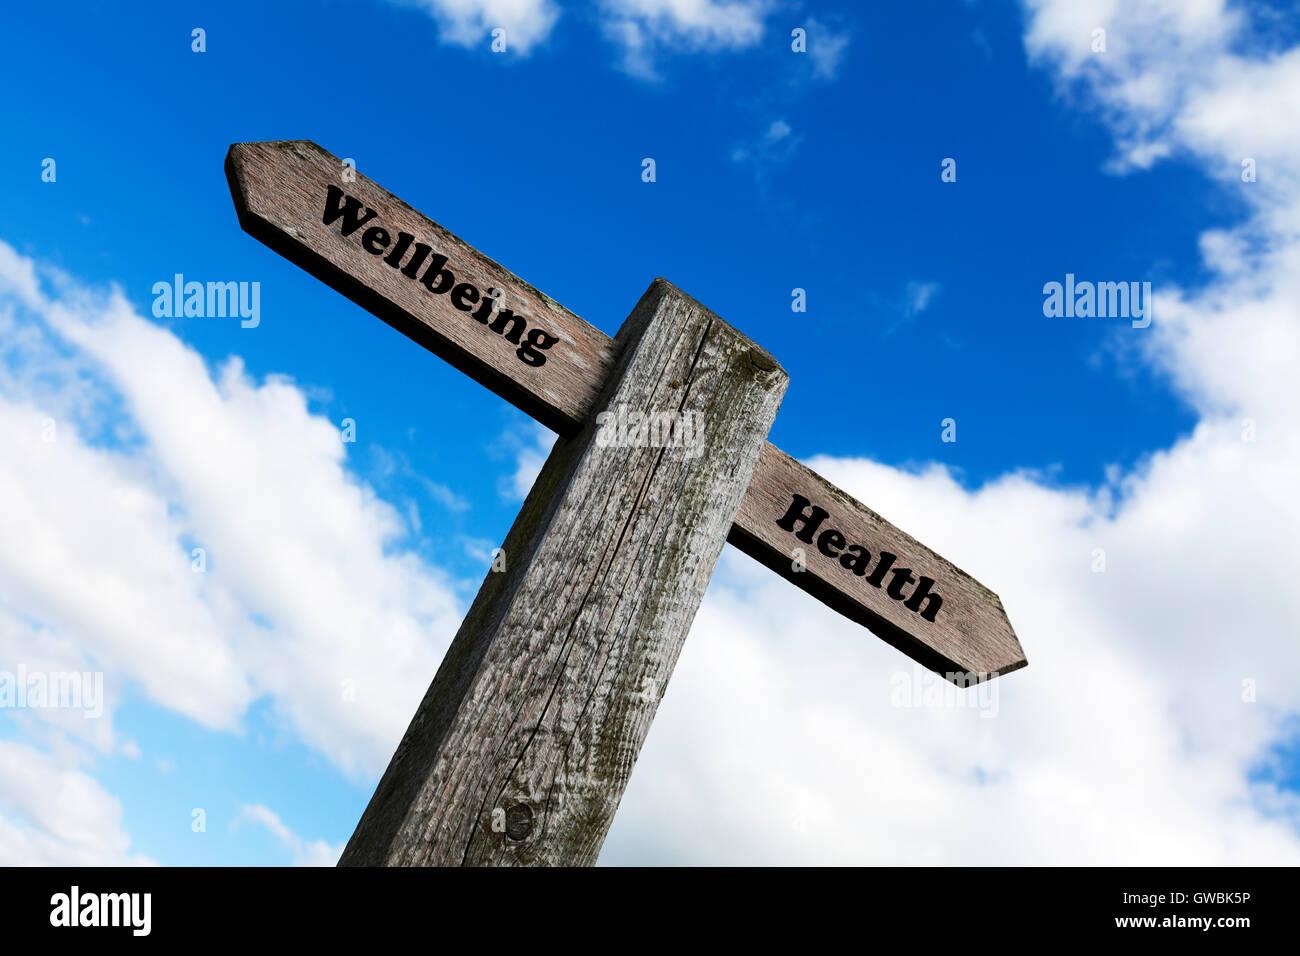 Wellness Gesundheit psychische Gesundheit geistig gesundes Zeichen Worte Richtung Richtungen Wahl Option Optionen Stockbild